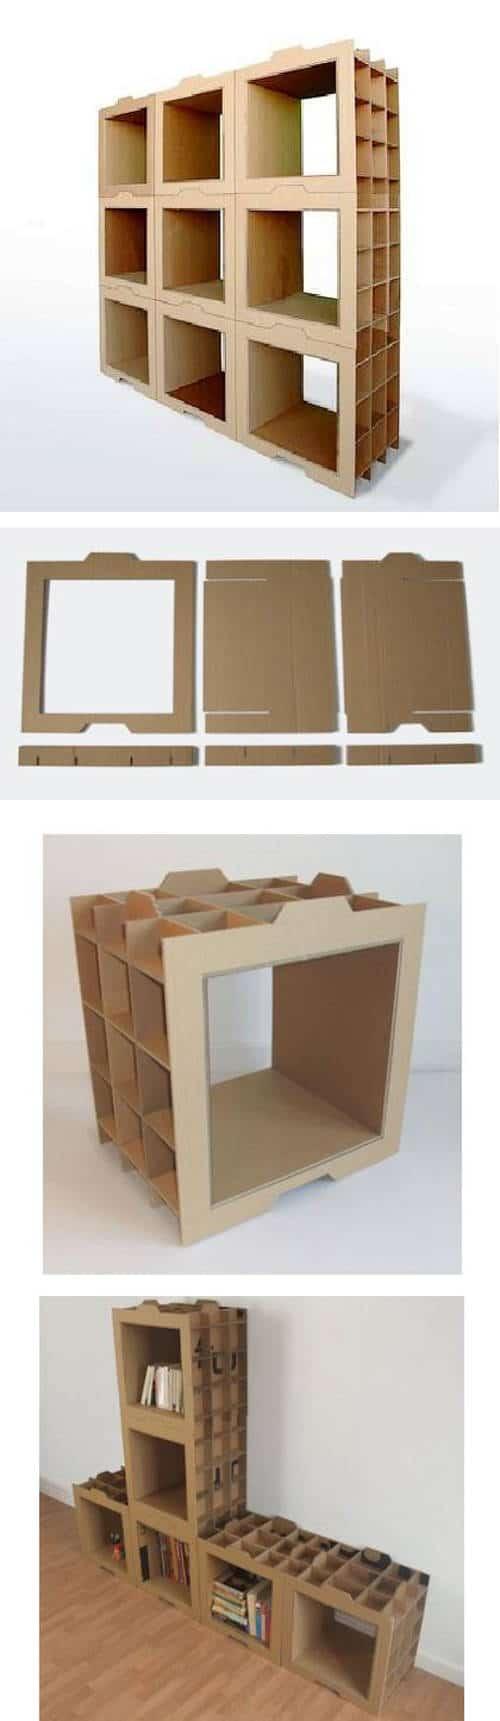 Muebles modulares de cartón